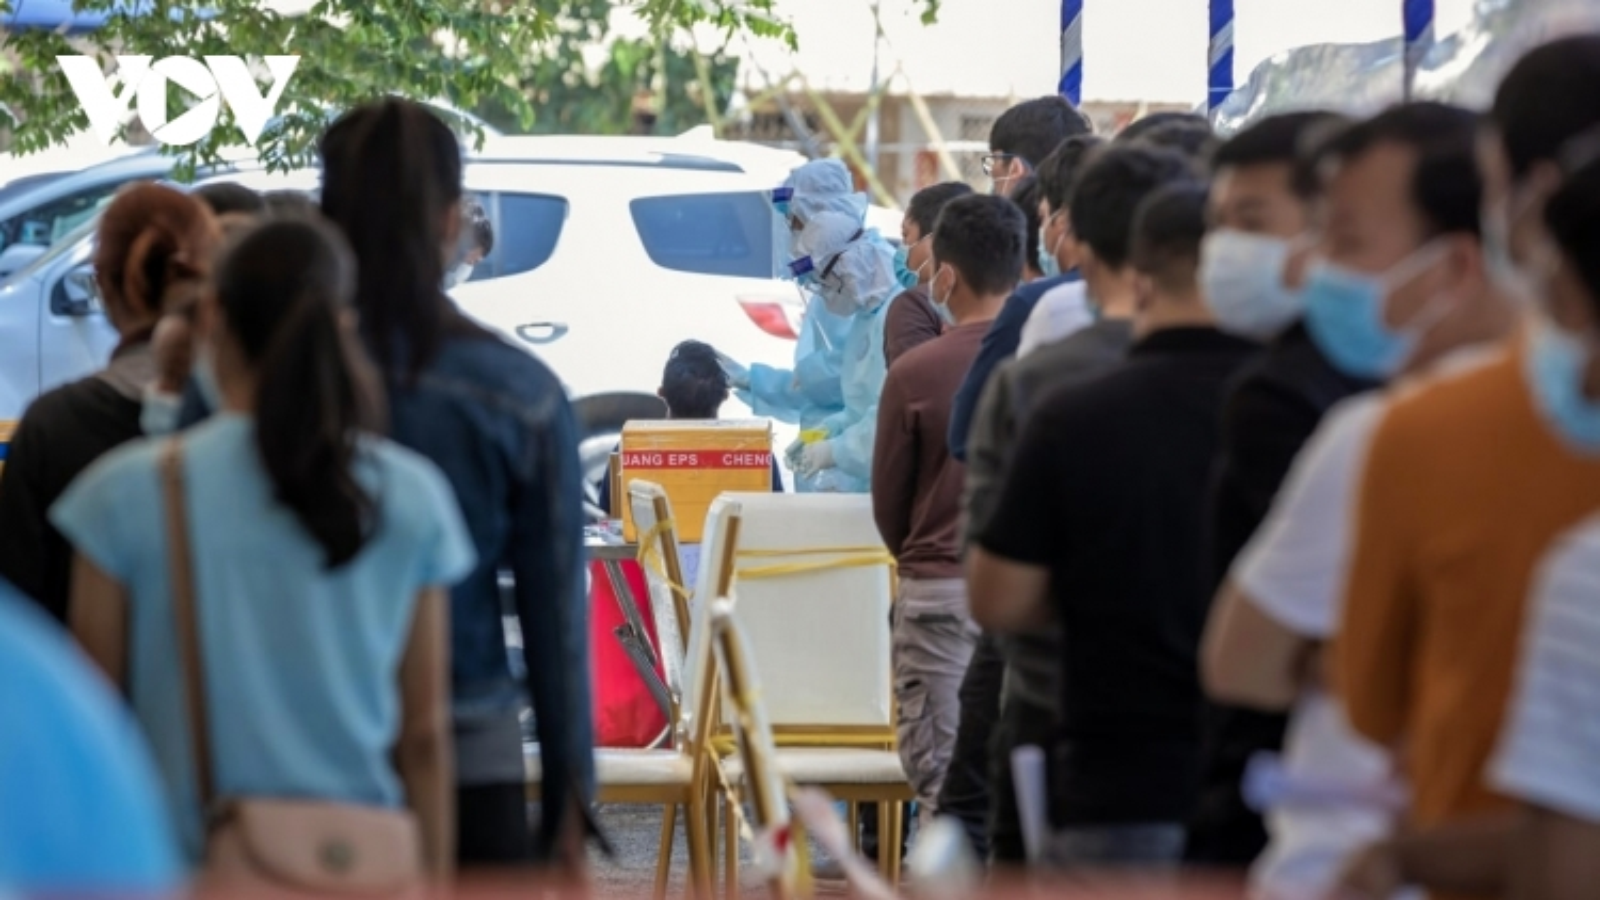 Số ca mắc Covid-19 tại thủ đô Phnom Penh (Campuchia) tăng kỷ lục